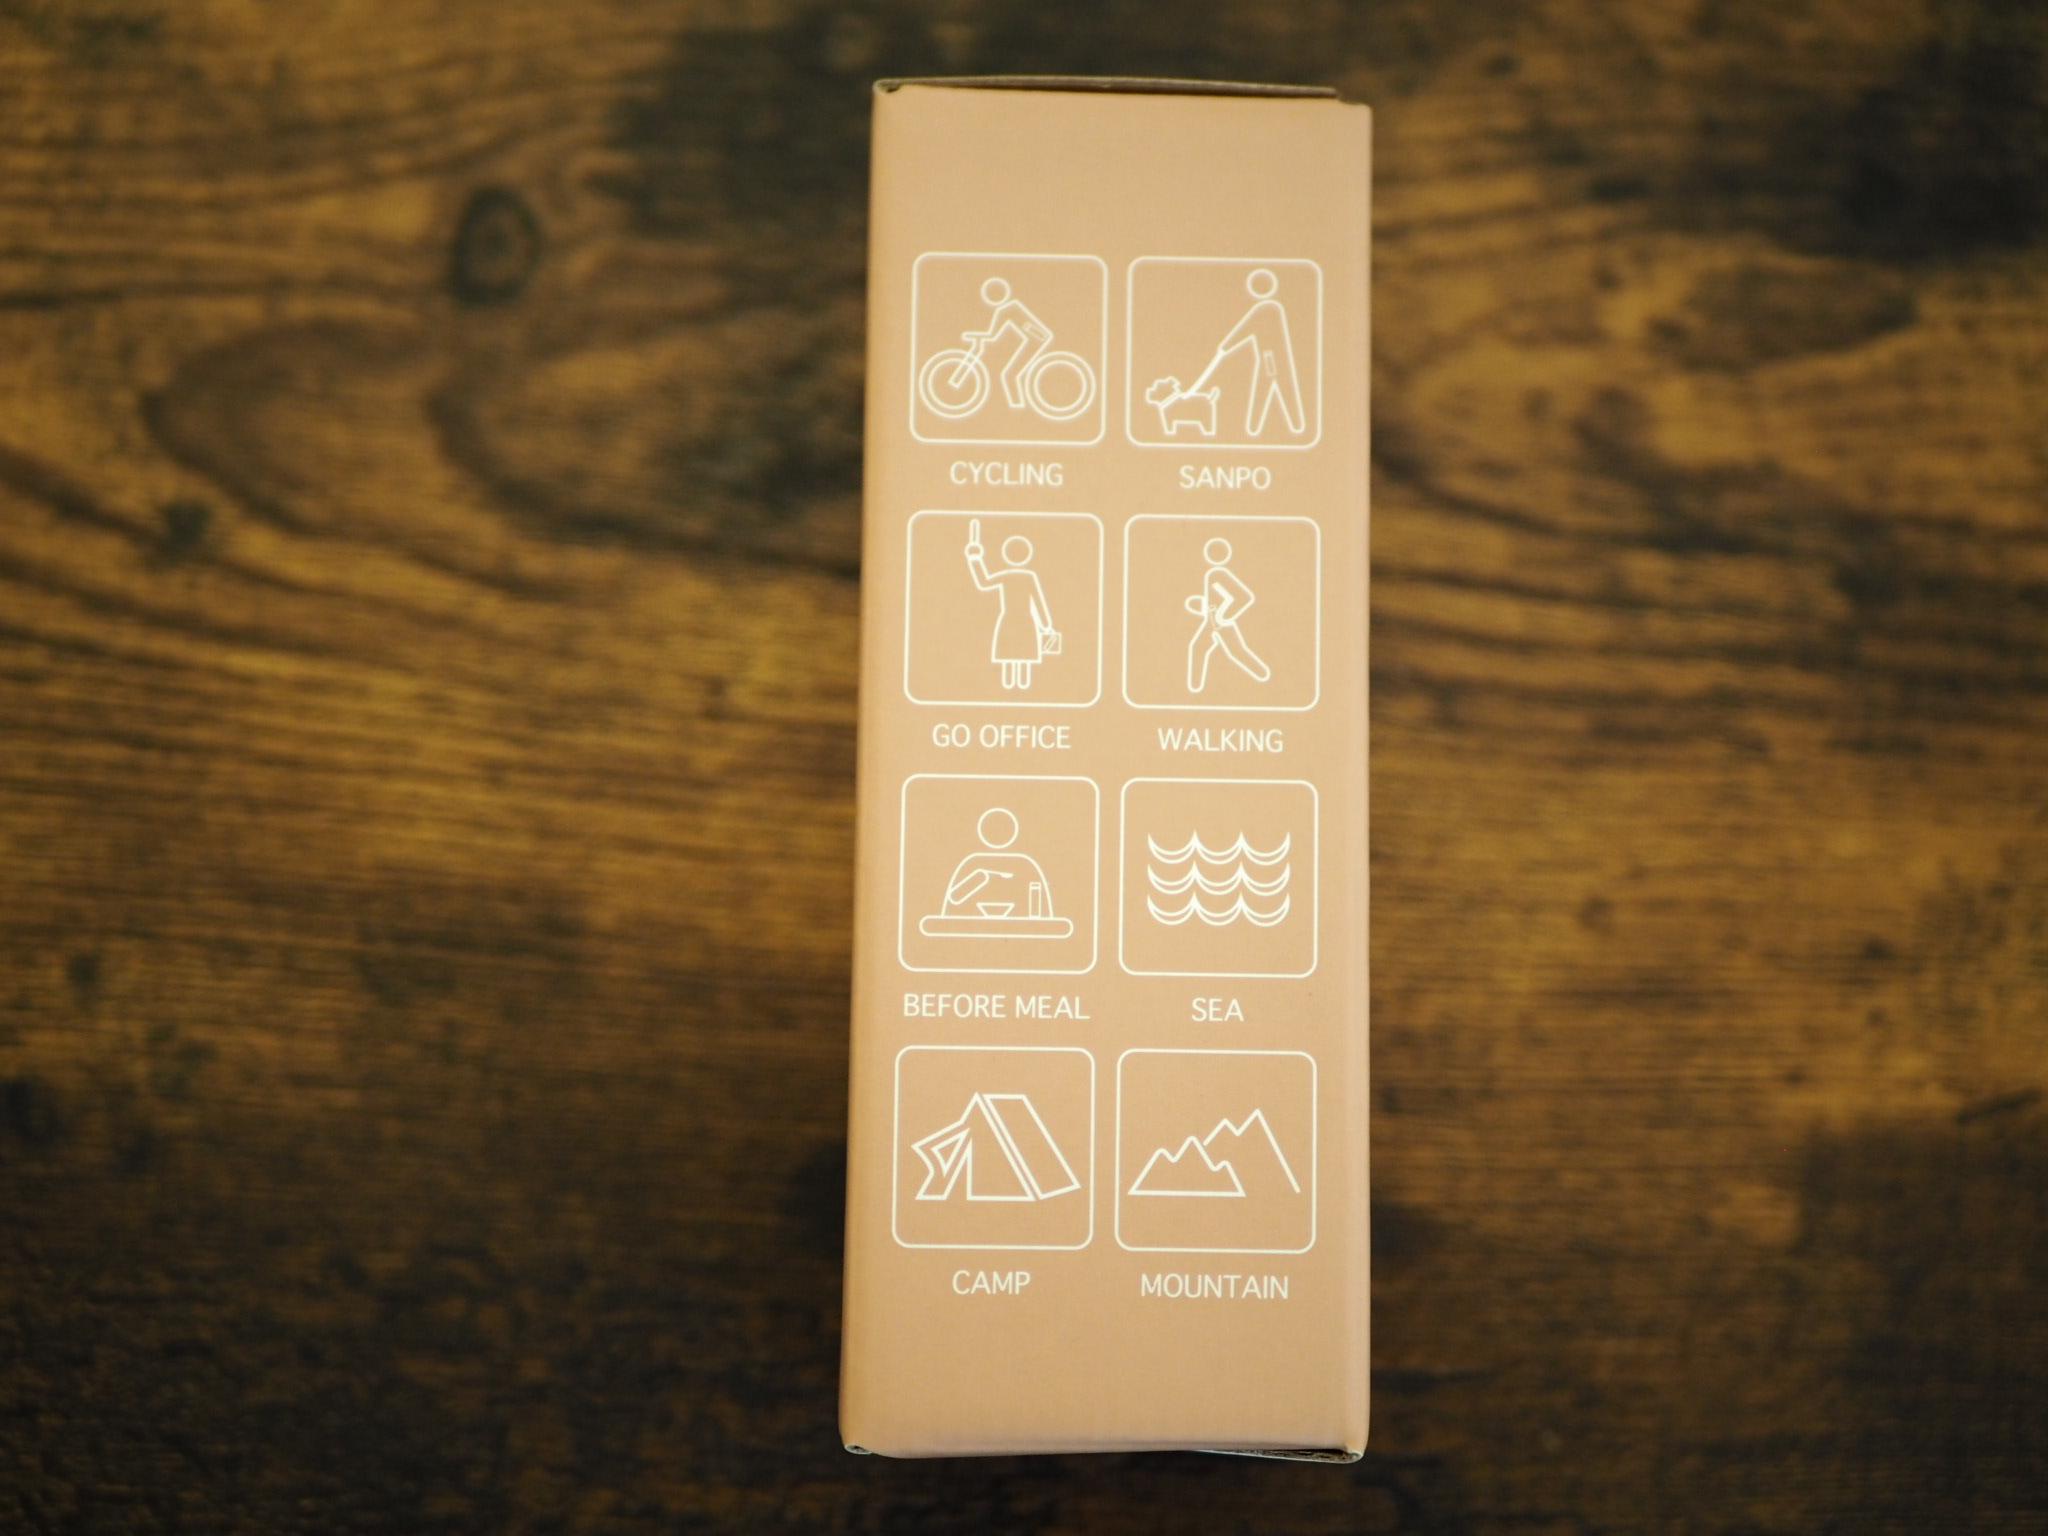 日本一小さくて可愛い水筒♡【POKETLE(ポケトル)】を買いました!_3